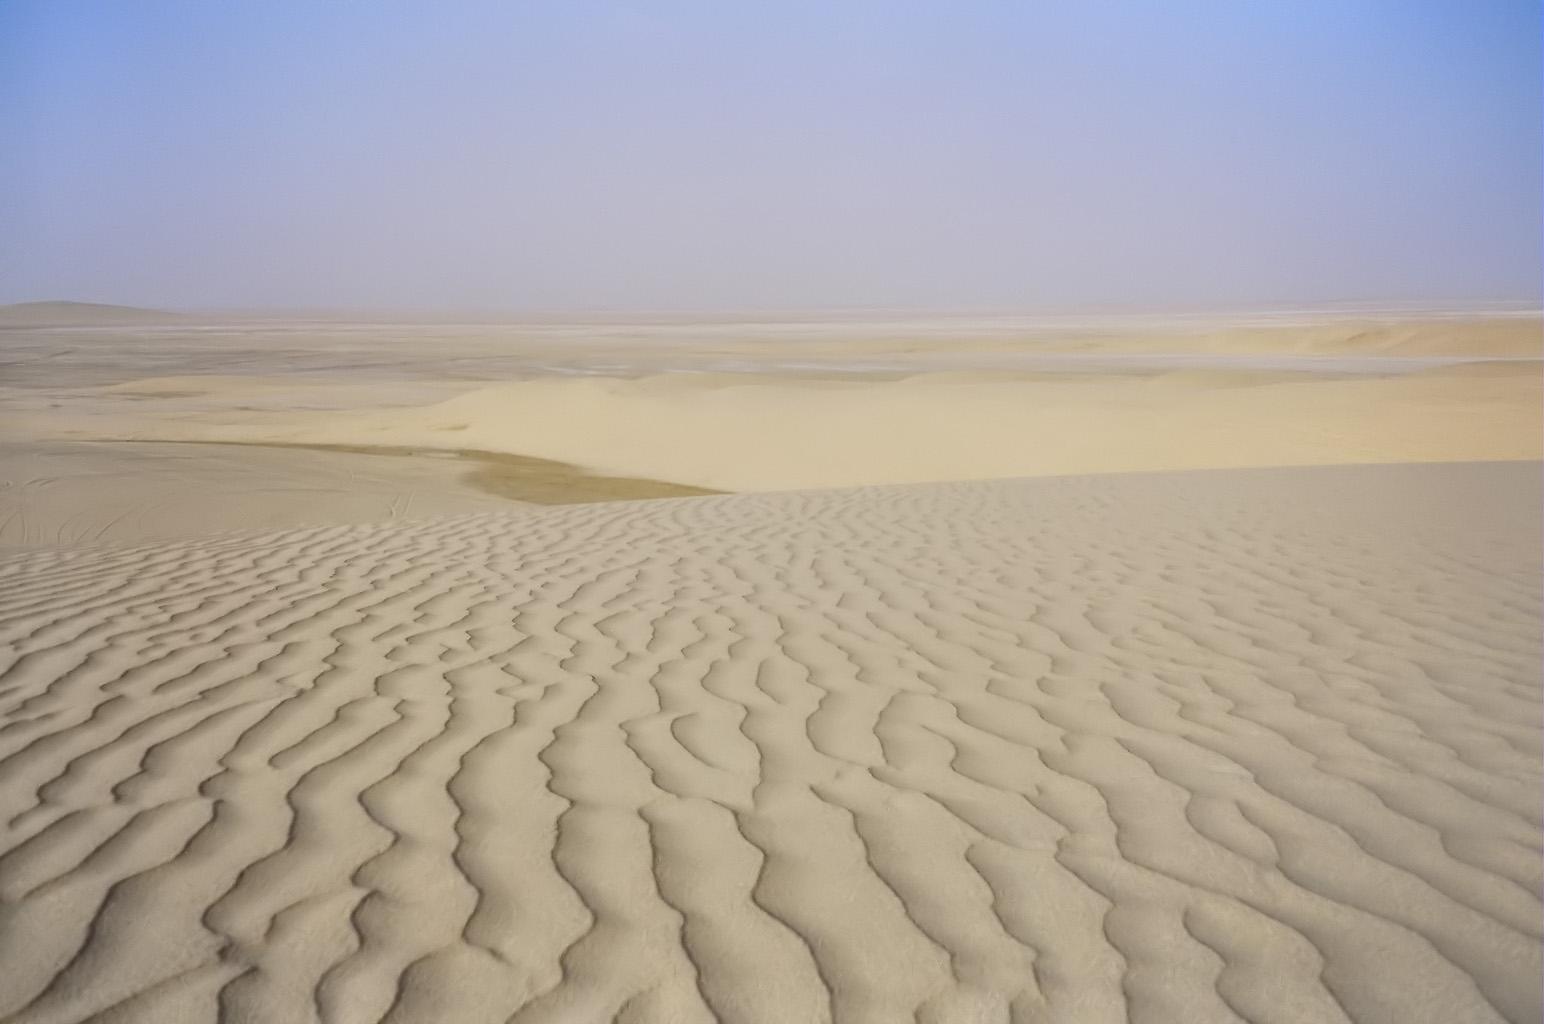 Desert in Qatar I took this photo myself.